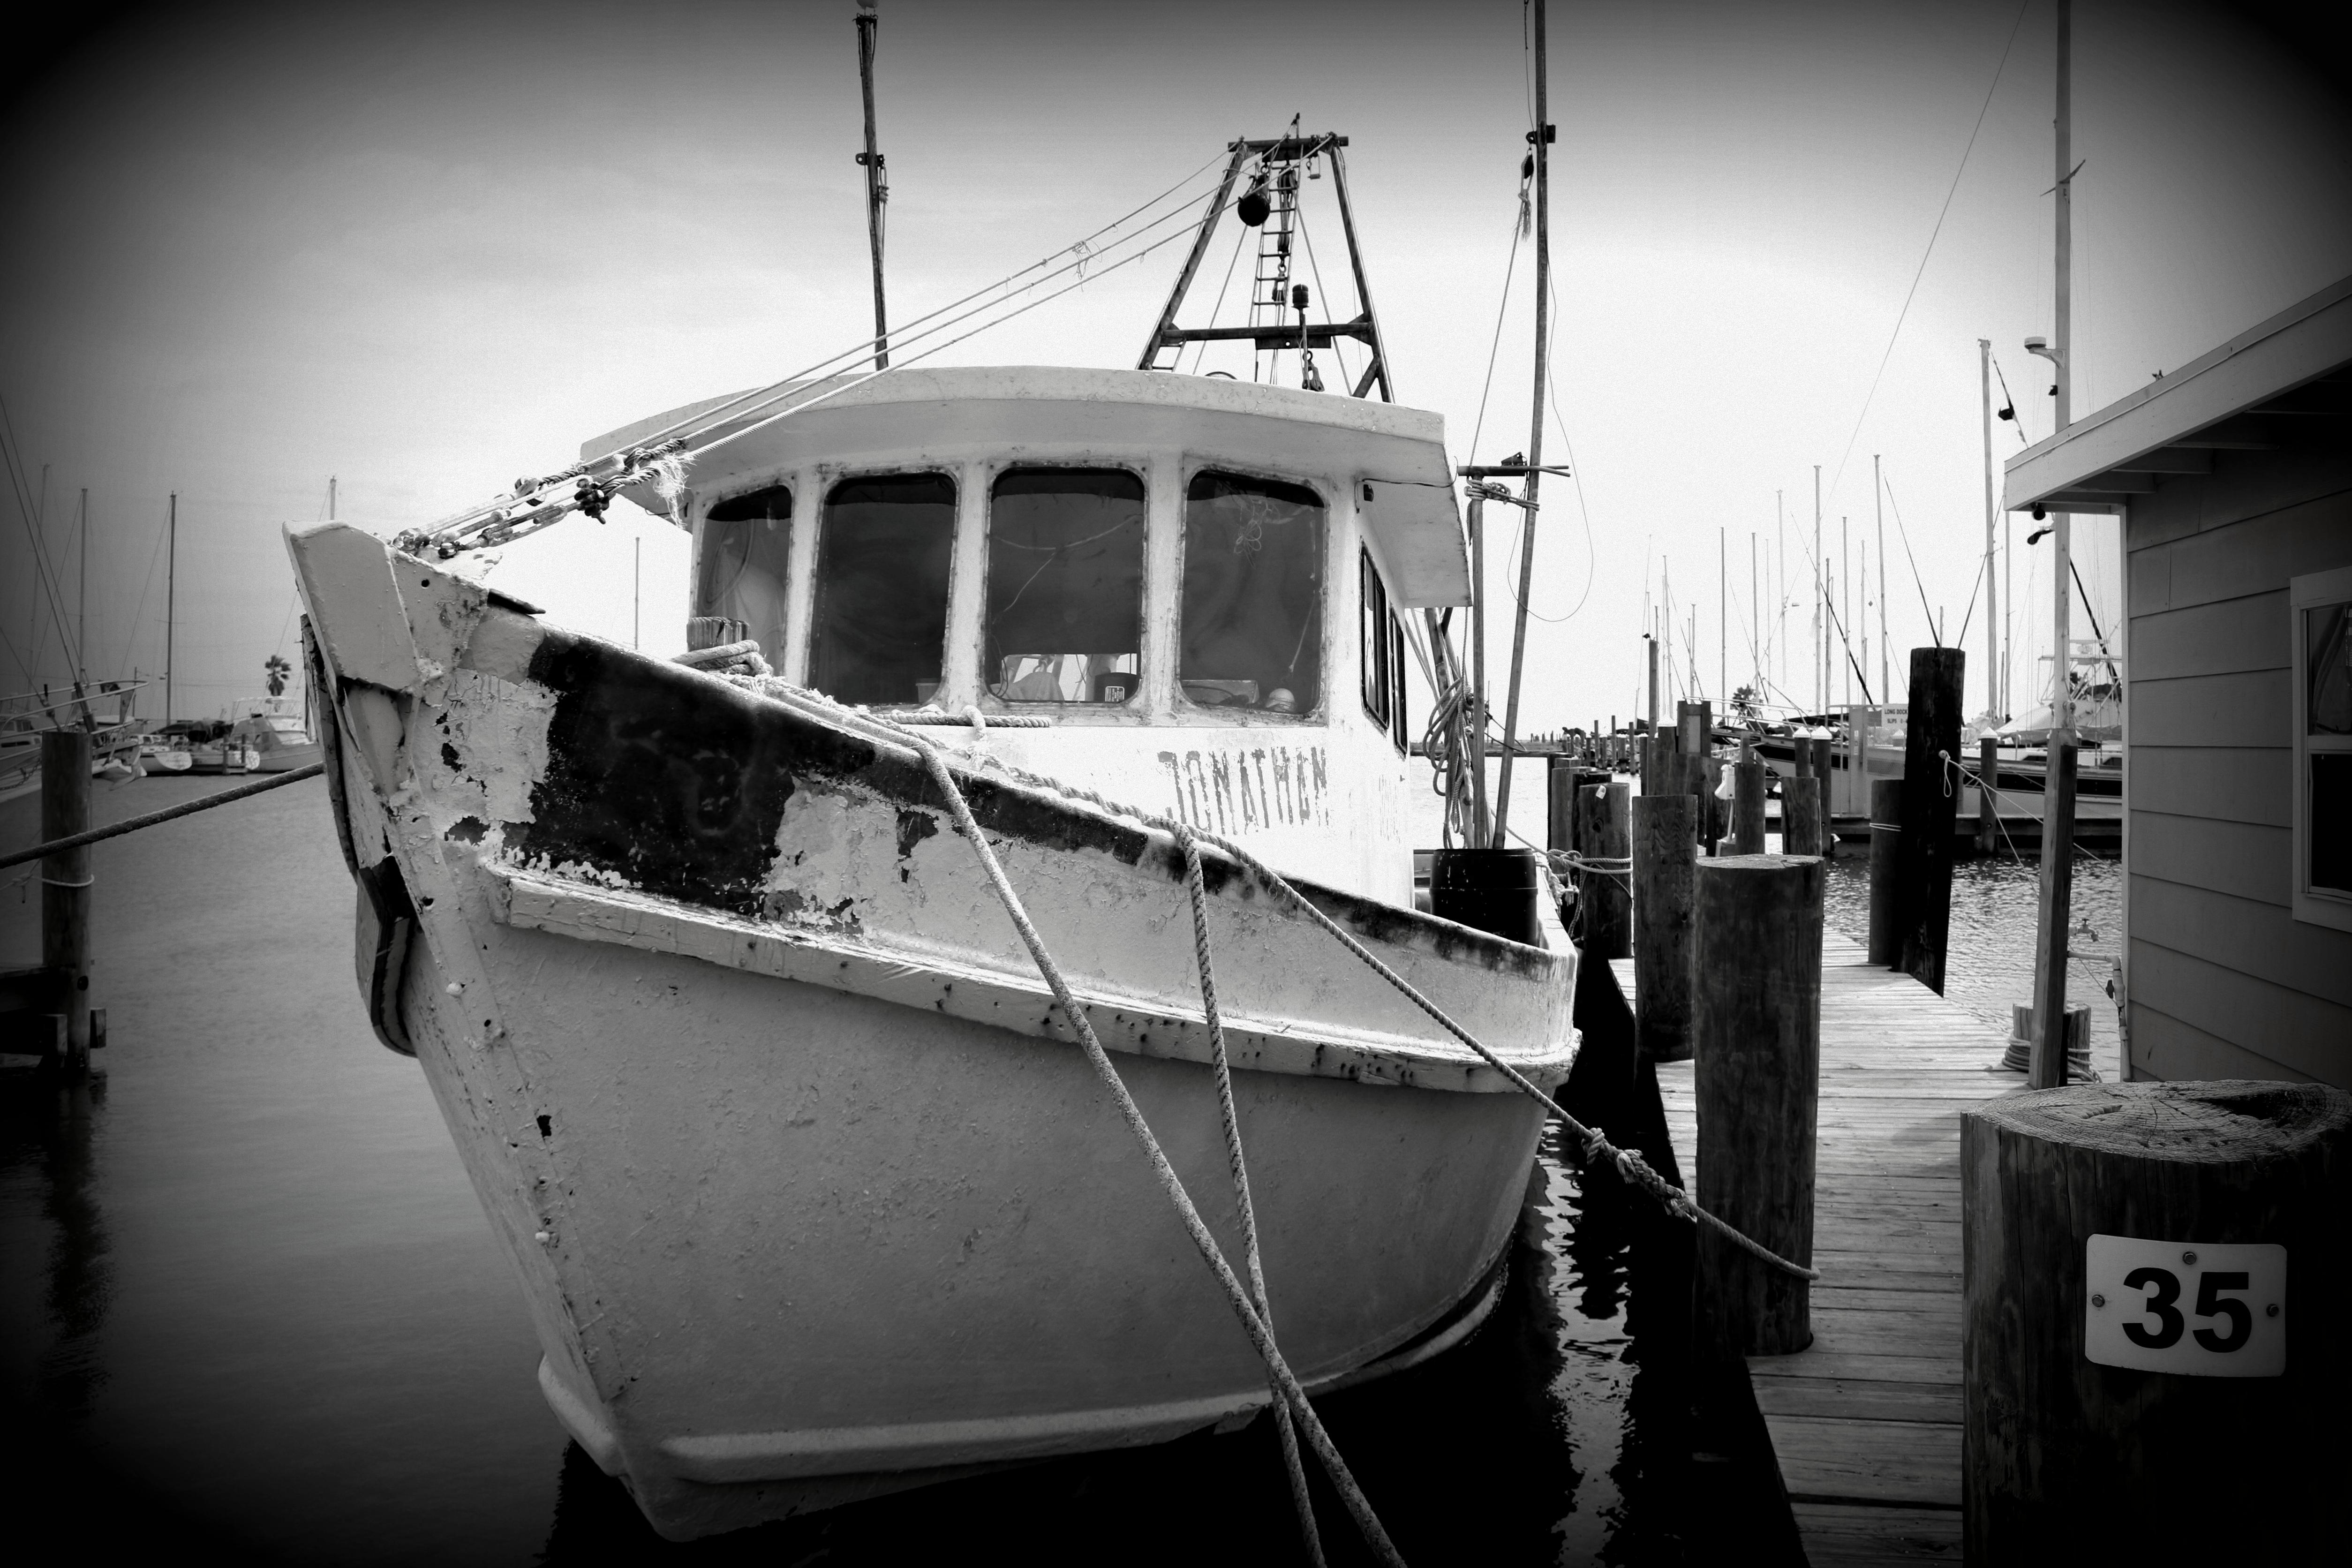 Black & White Boat